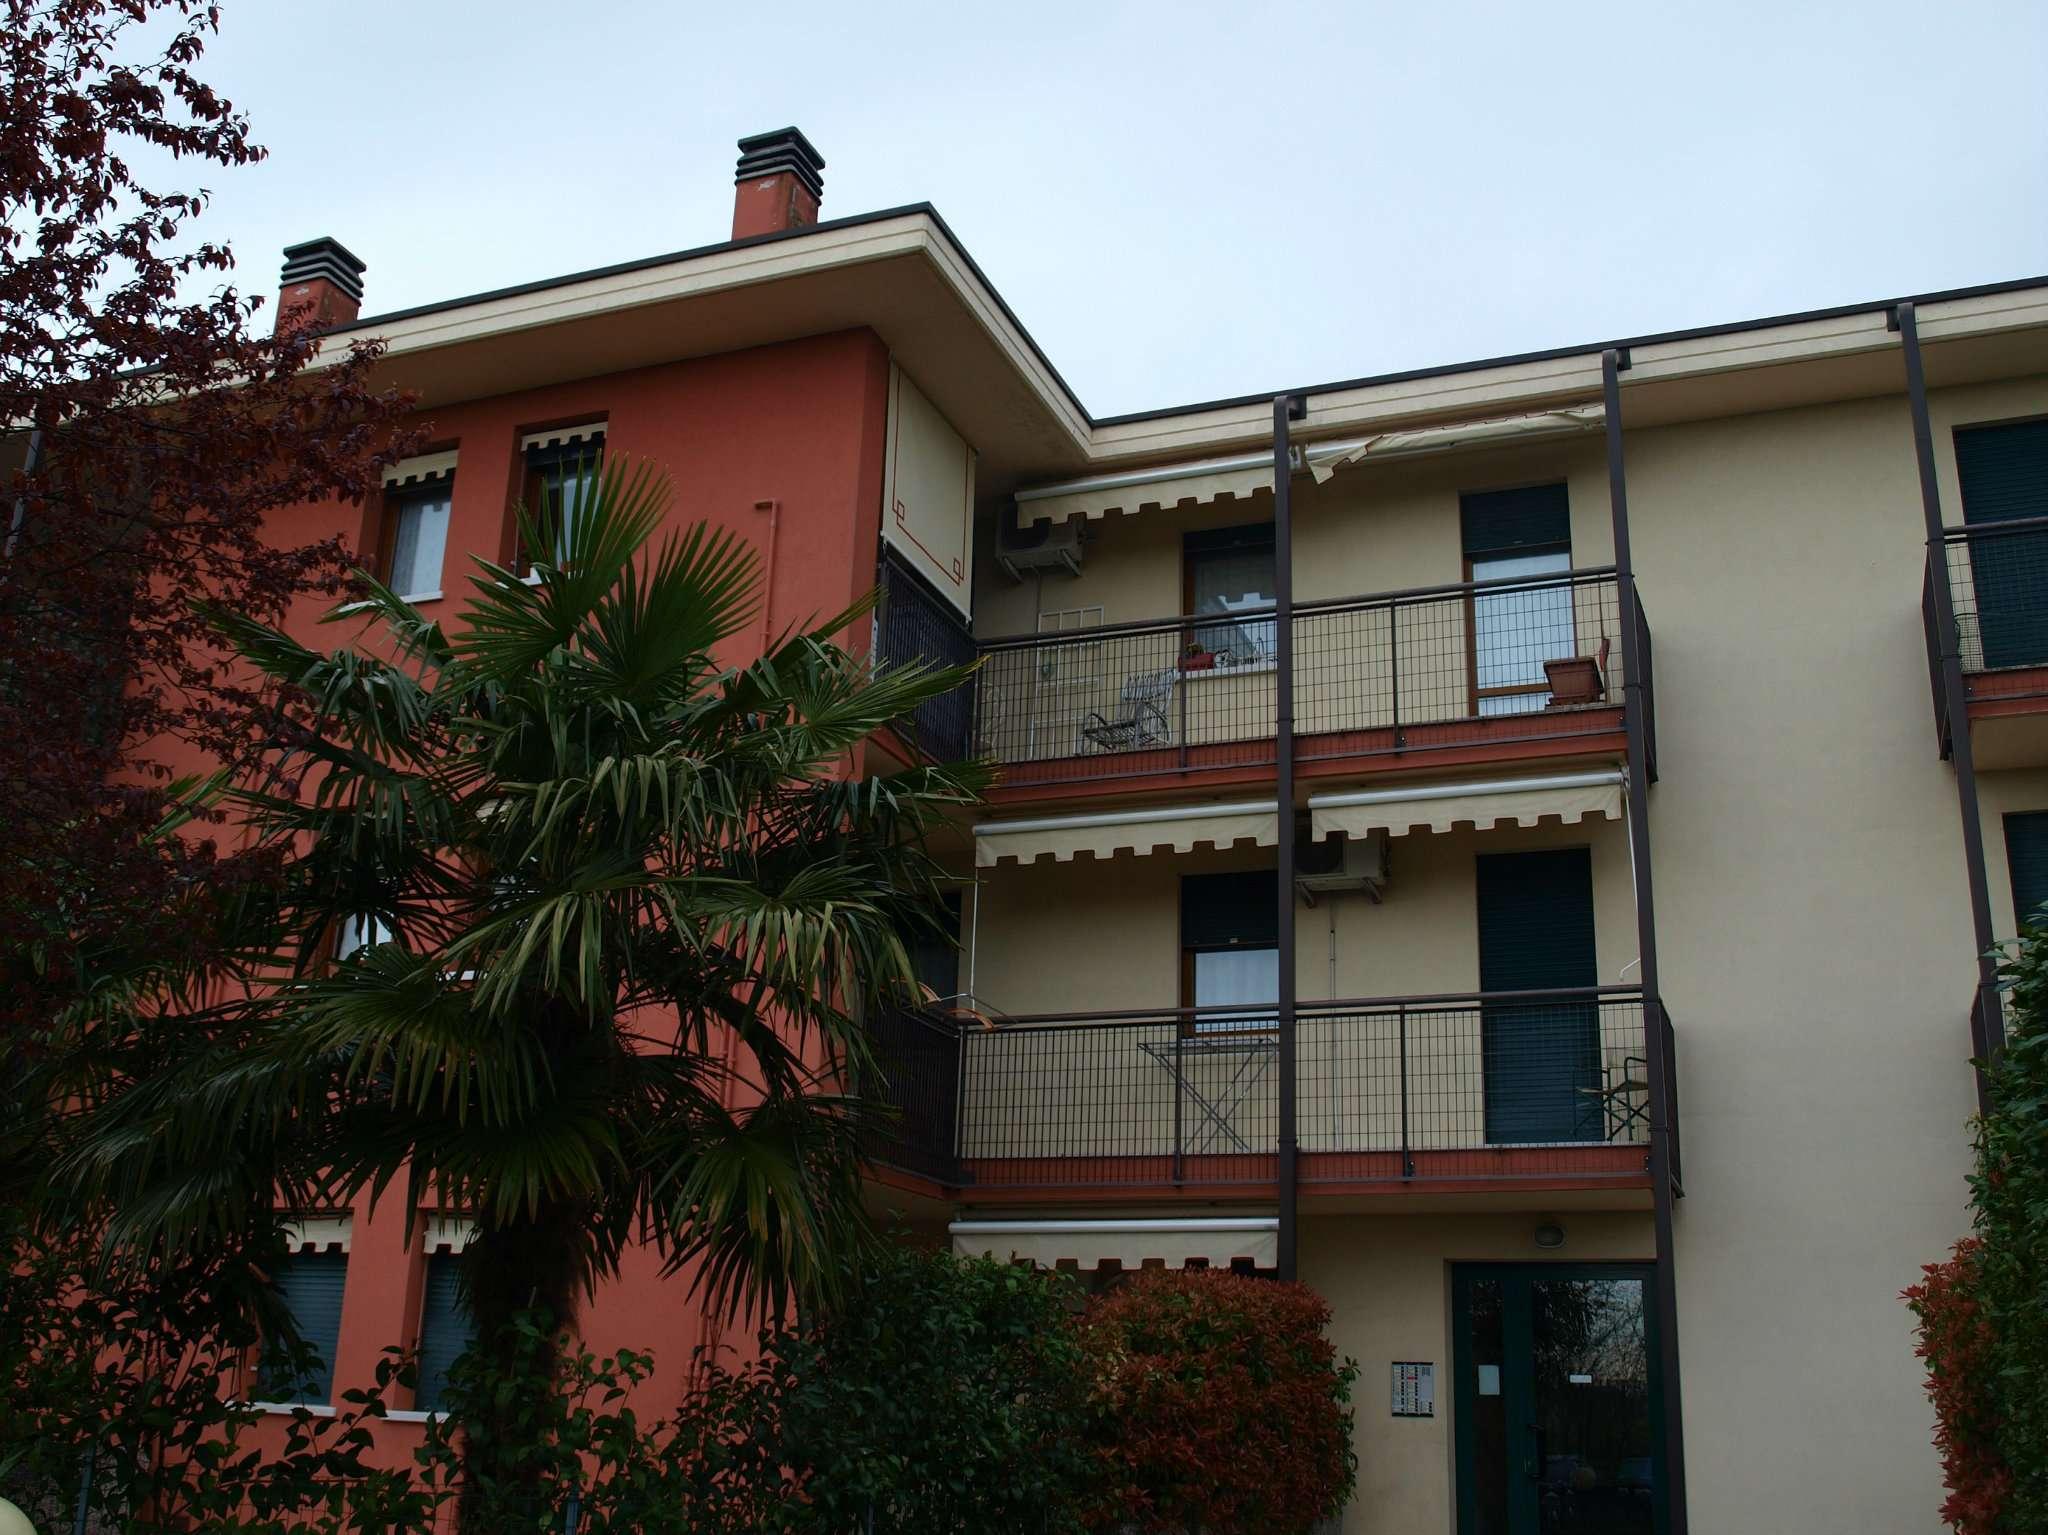 Appartamento trilocale in vendita a Oderzo (TV)